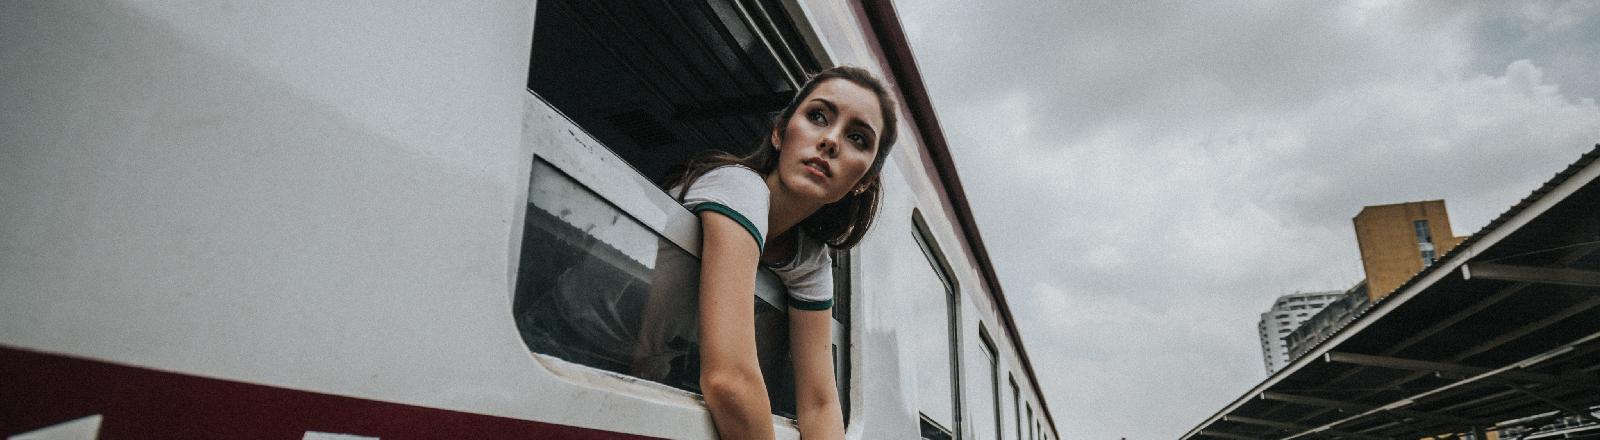 Eine Frau steckt Kopf und Arme aus einem Bahnfenster.